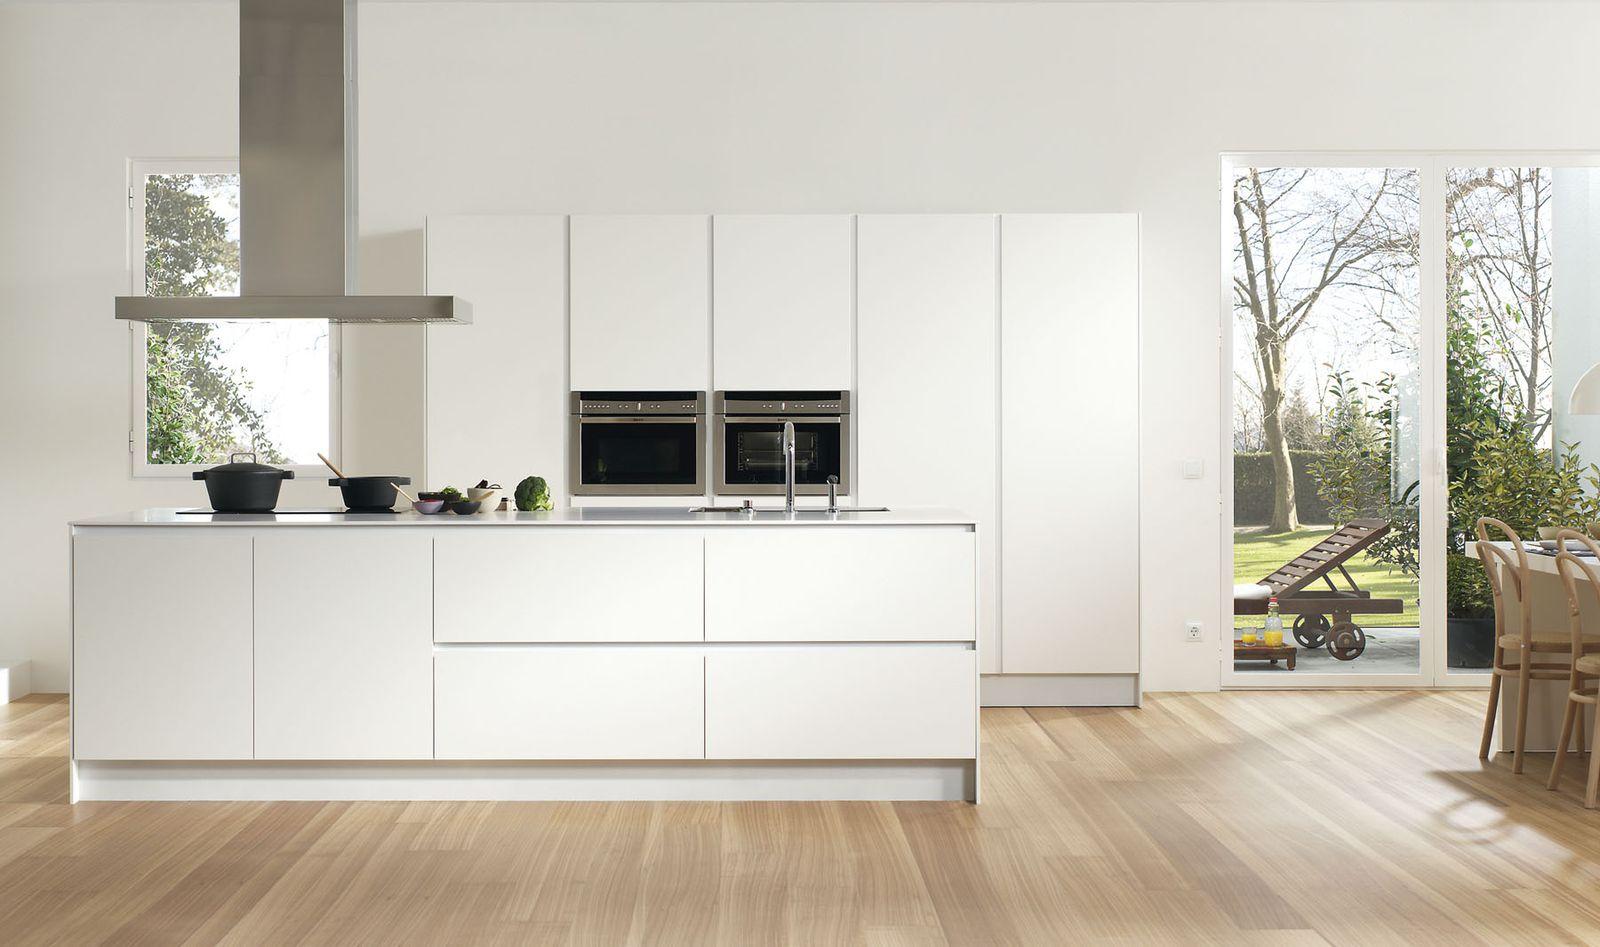 Fabricantes de cocinas en madrid schmidt cocinas empresa - Fabricas de muebles de cocina en madrid ...